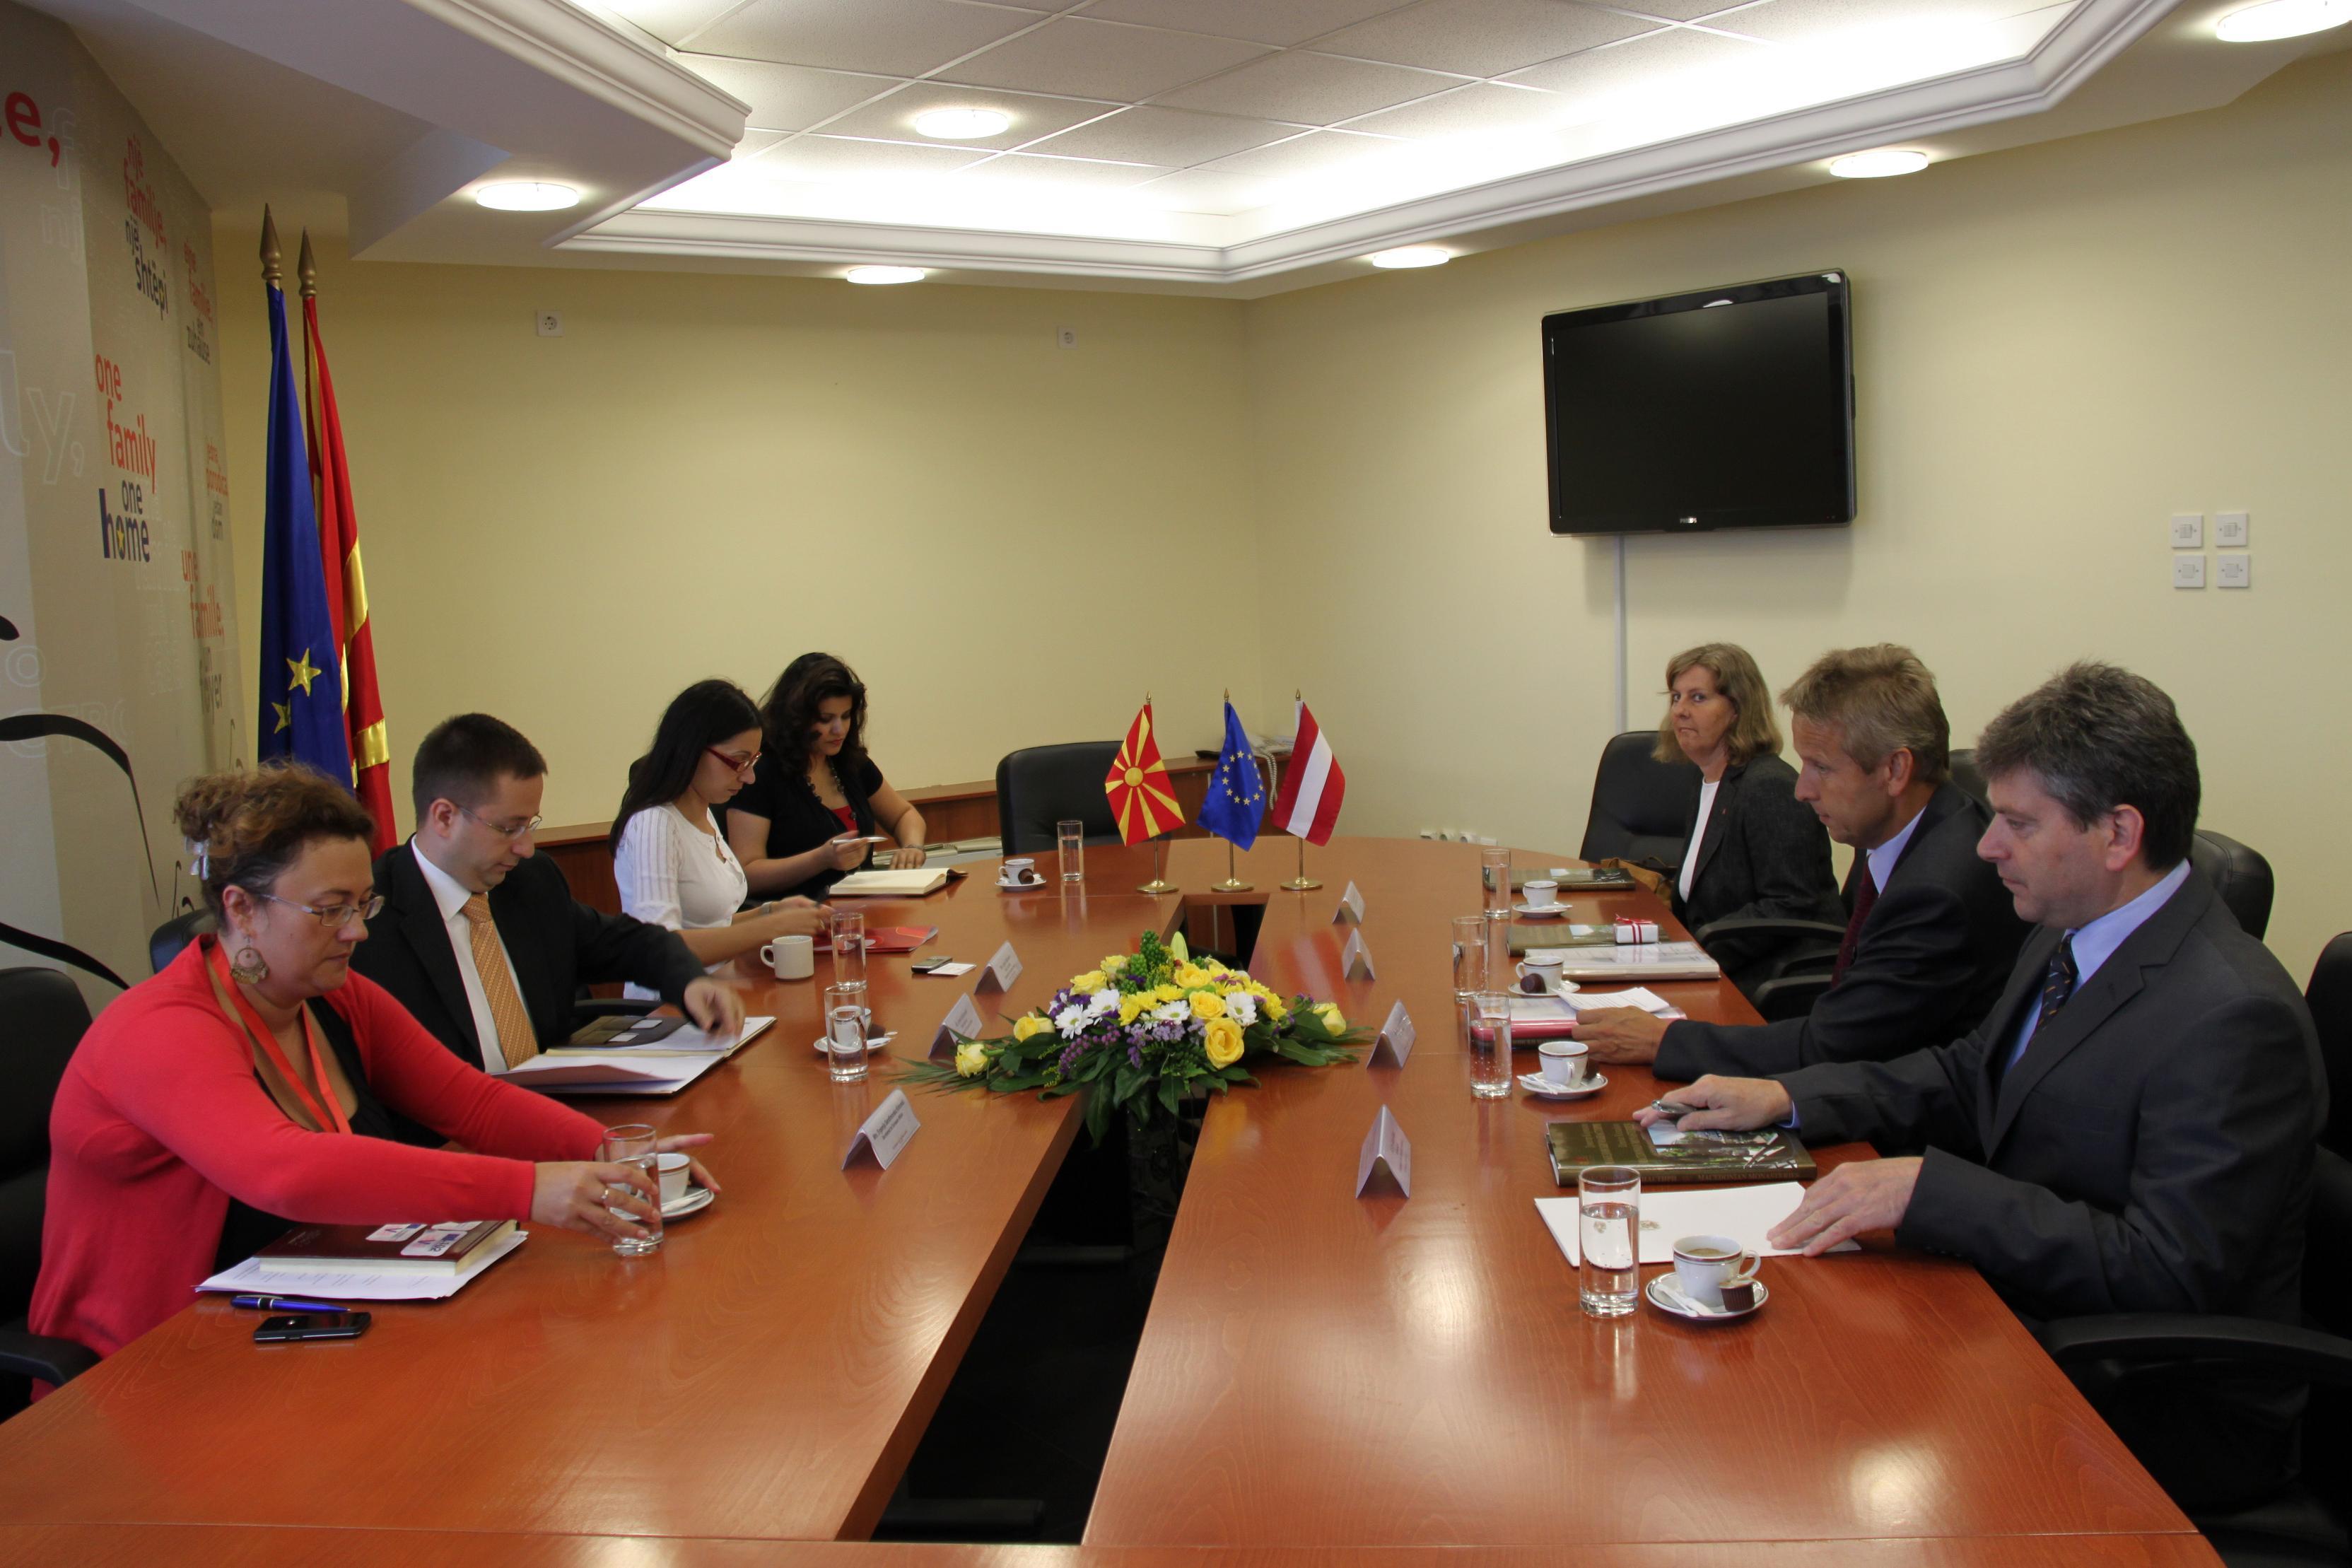 Bilaterale Gespräche in Skopje (C) Sven Pöllauer